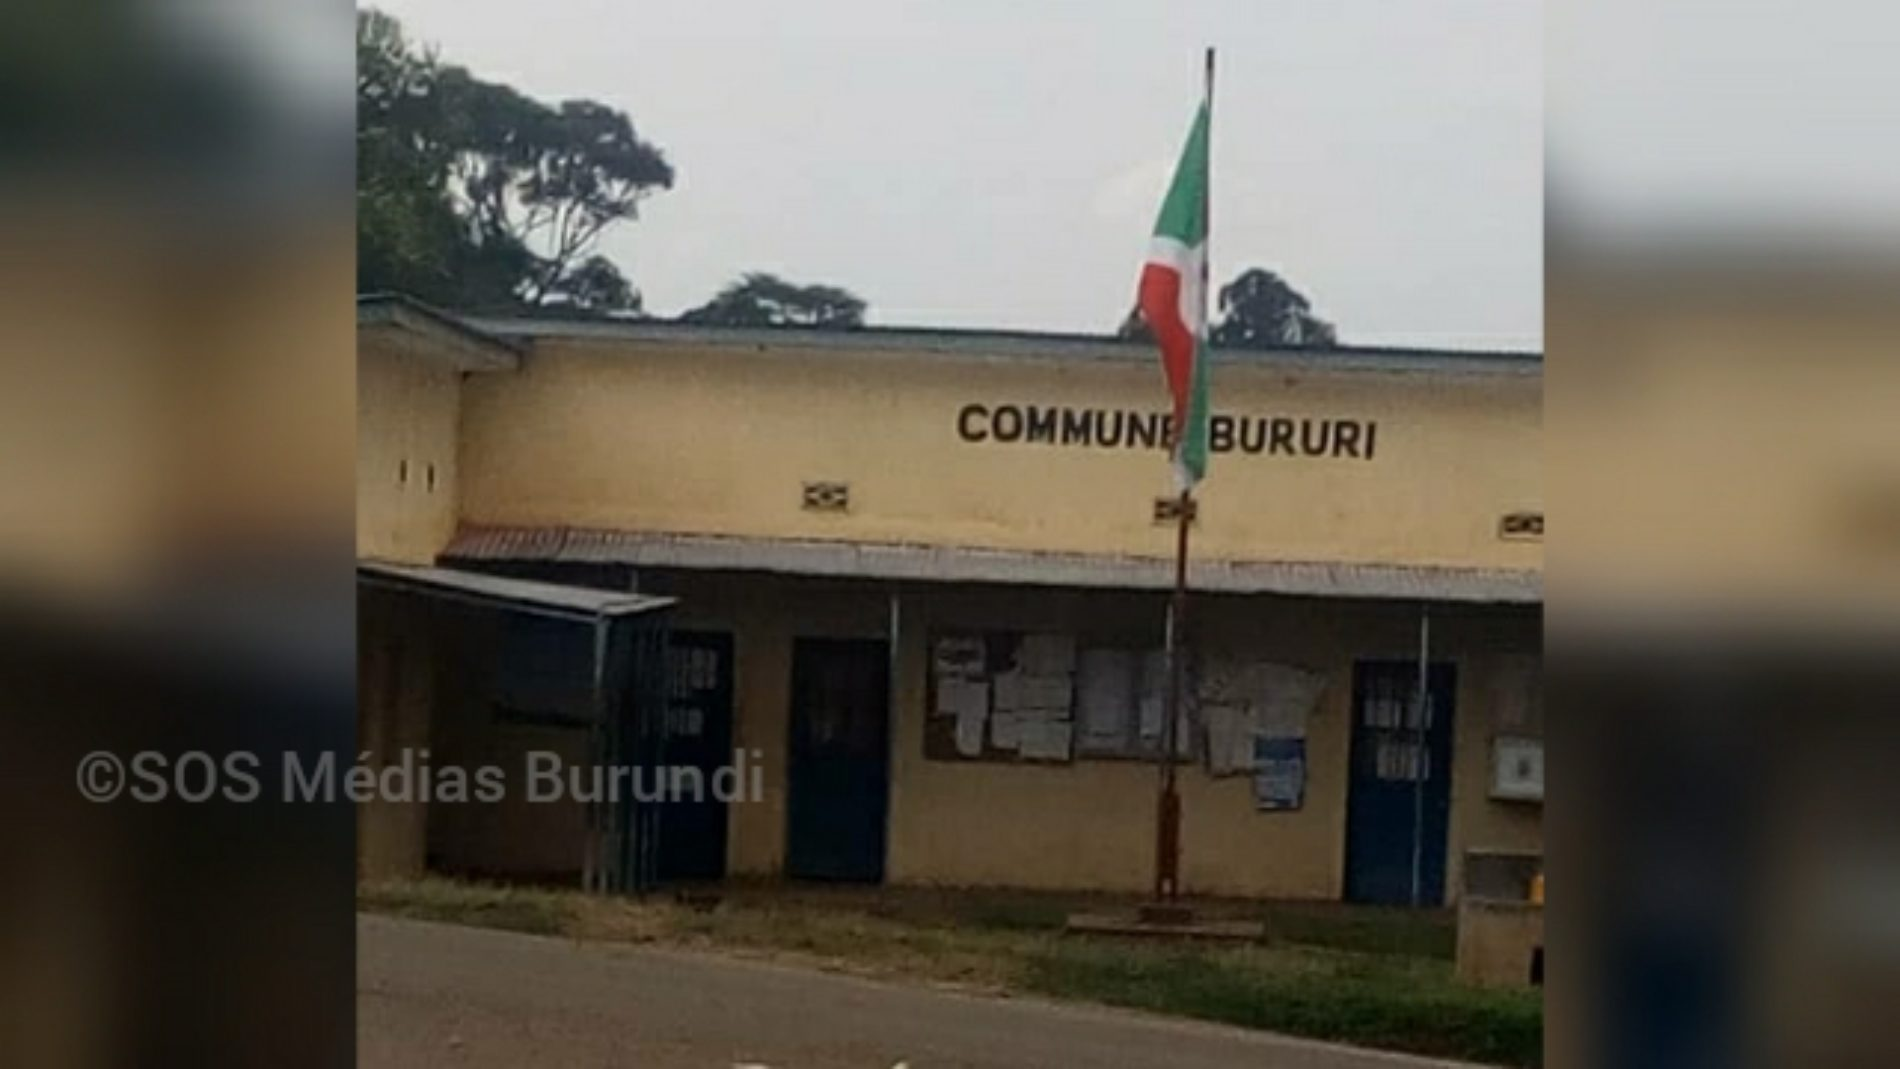 Bururi : conditionnalité de l'achat du sucre à la participation aux travaux communautaires